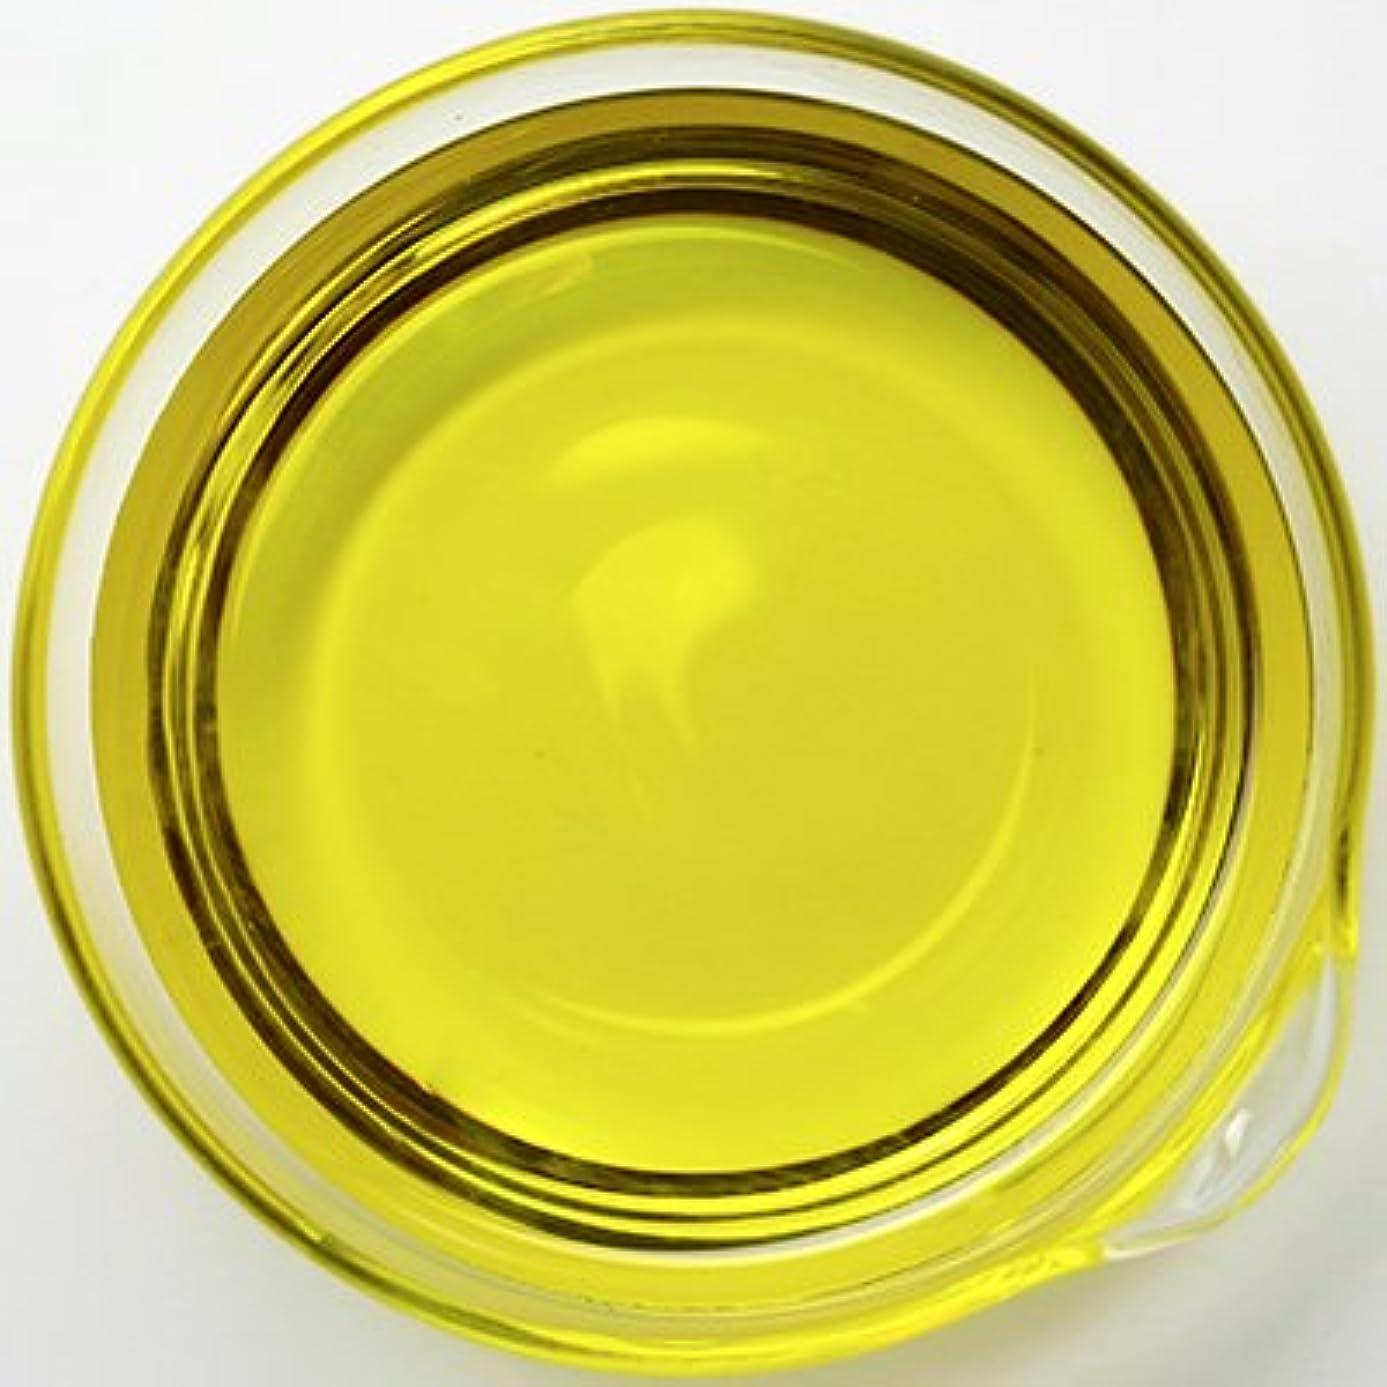 ヨーロッパ事音オーガニック アルニカオイル [アルニカ抽出油] 1L 【アルニカ油/手作り石鹸/手作りコスメ/美容オイル/キャリアオイル/マッサージオイル】